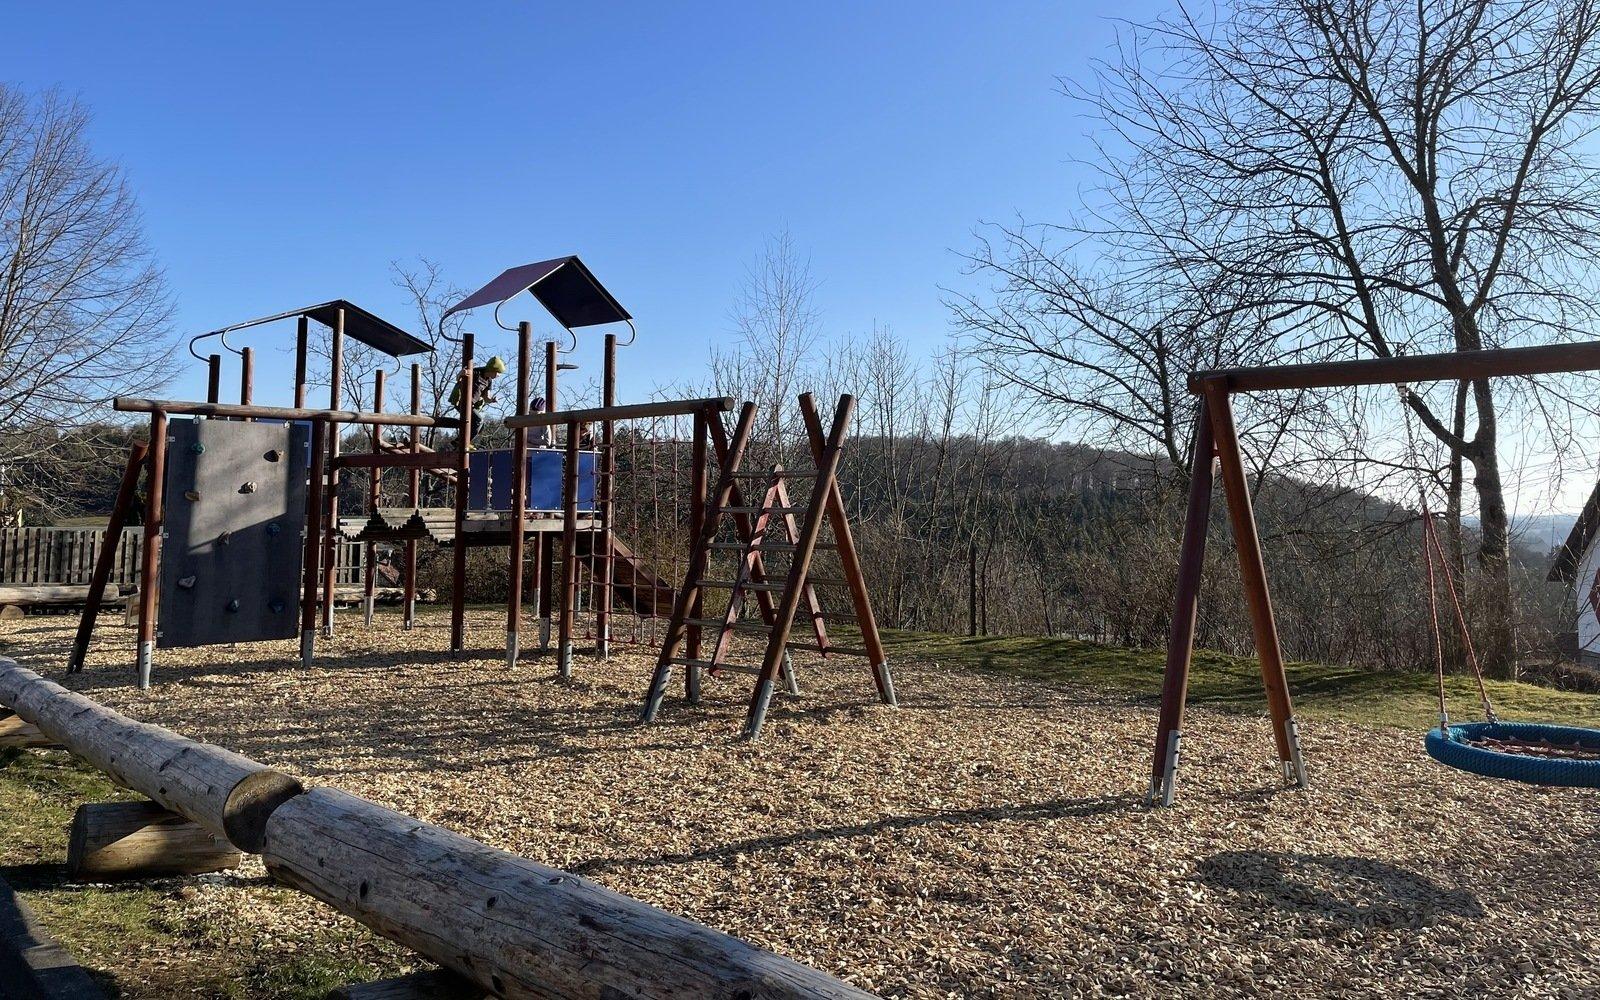 auf einer Anhöhe ist ein Spielplatz mit verschiedenen Spielgeräten wie Klettergerüst bzw. Turm, eine Schaukel umzäunt von Baumstämme